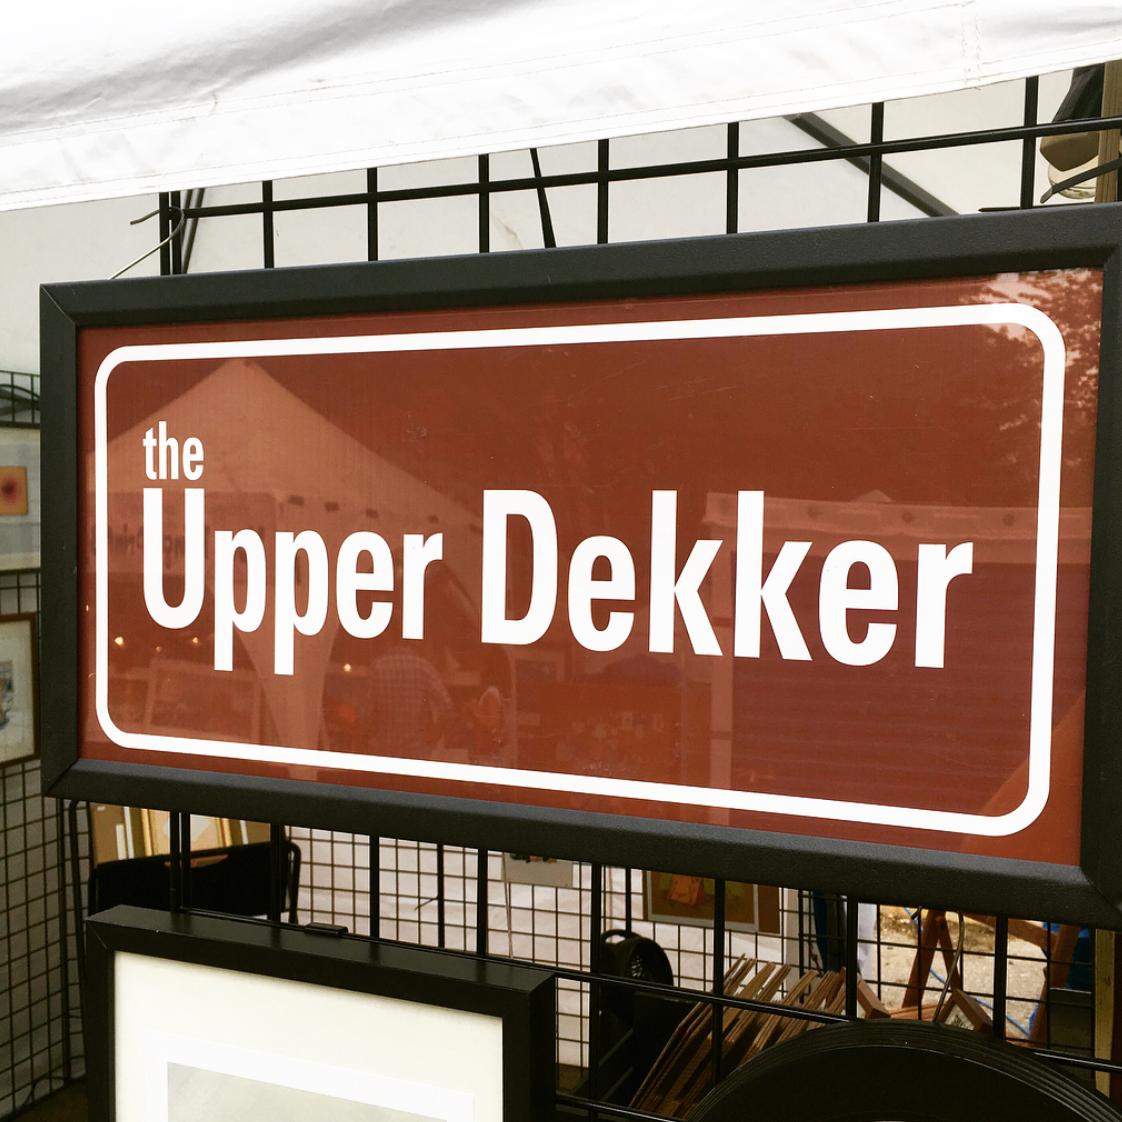 The Upper Dekker